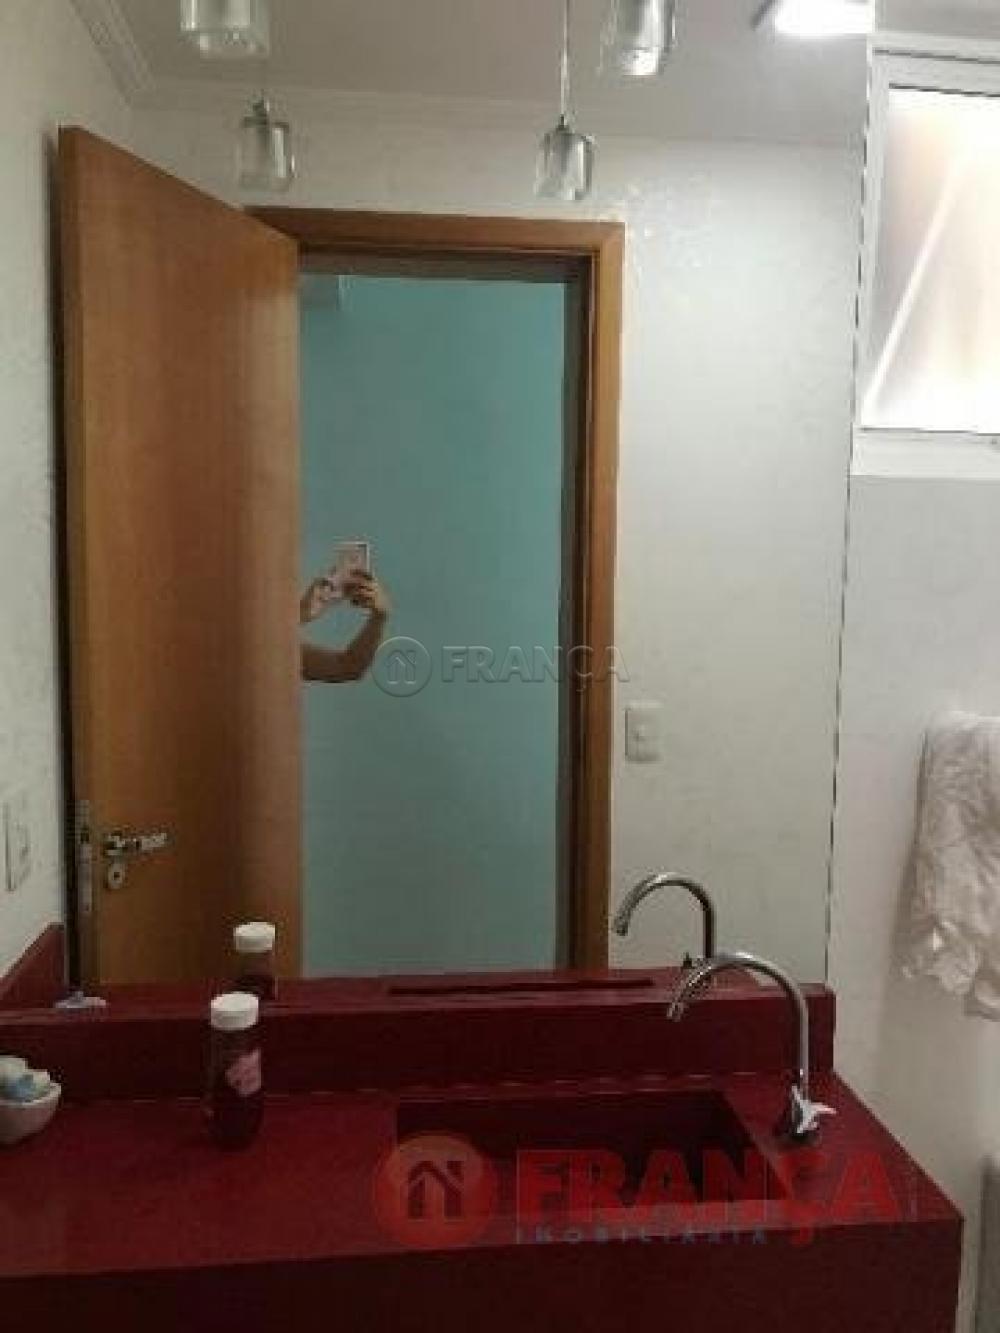 Comprar Apartamento / Padrão em São José dos Campos apenas R$ 570.000,00 - Foto 3